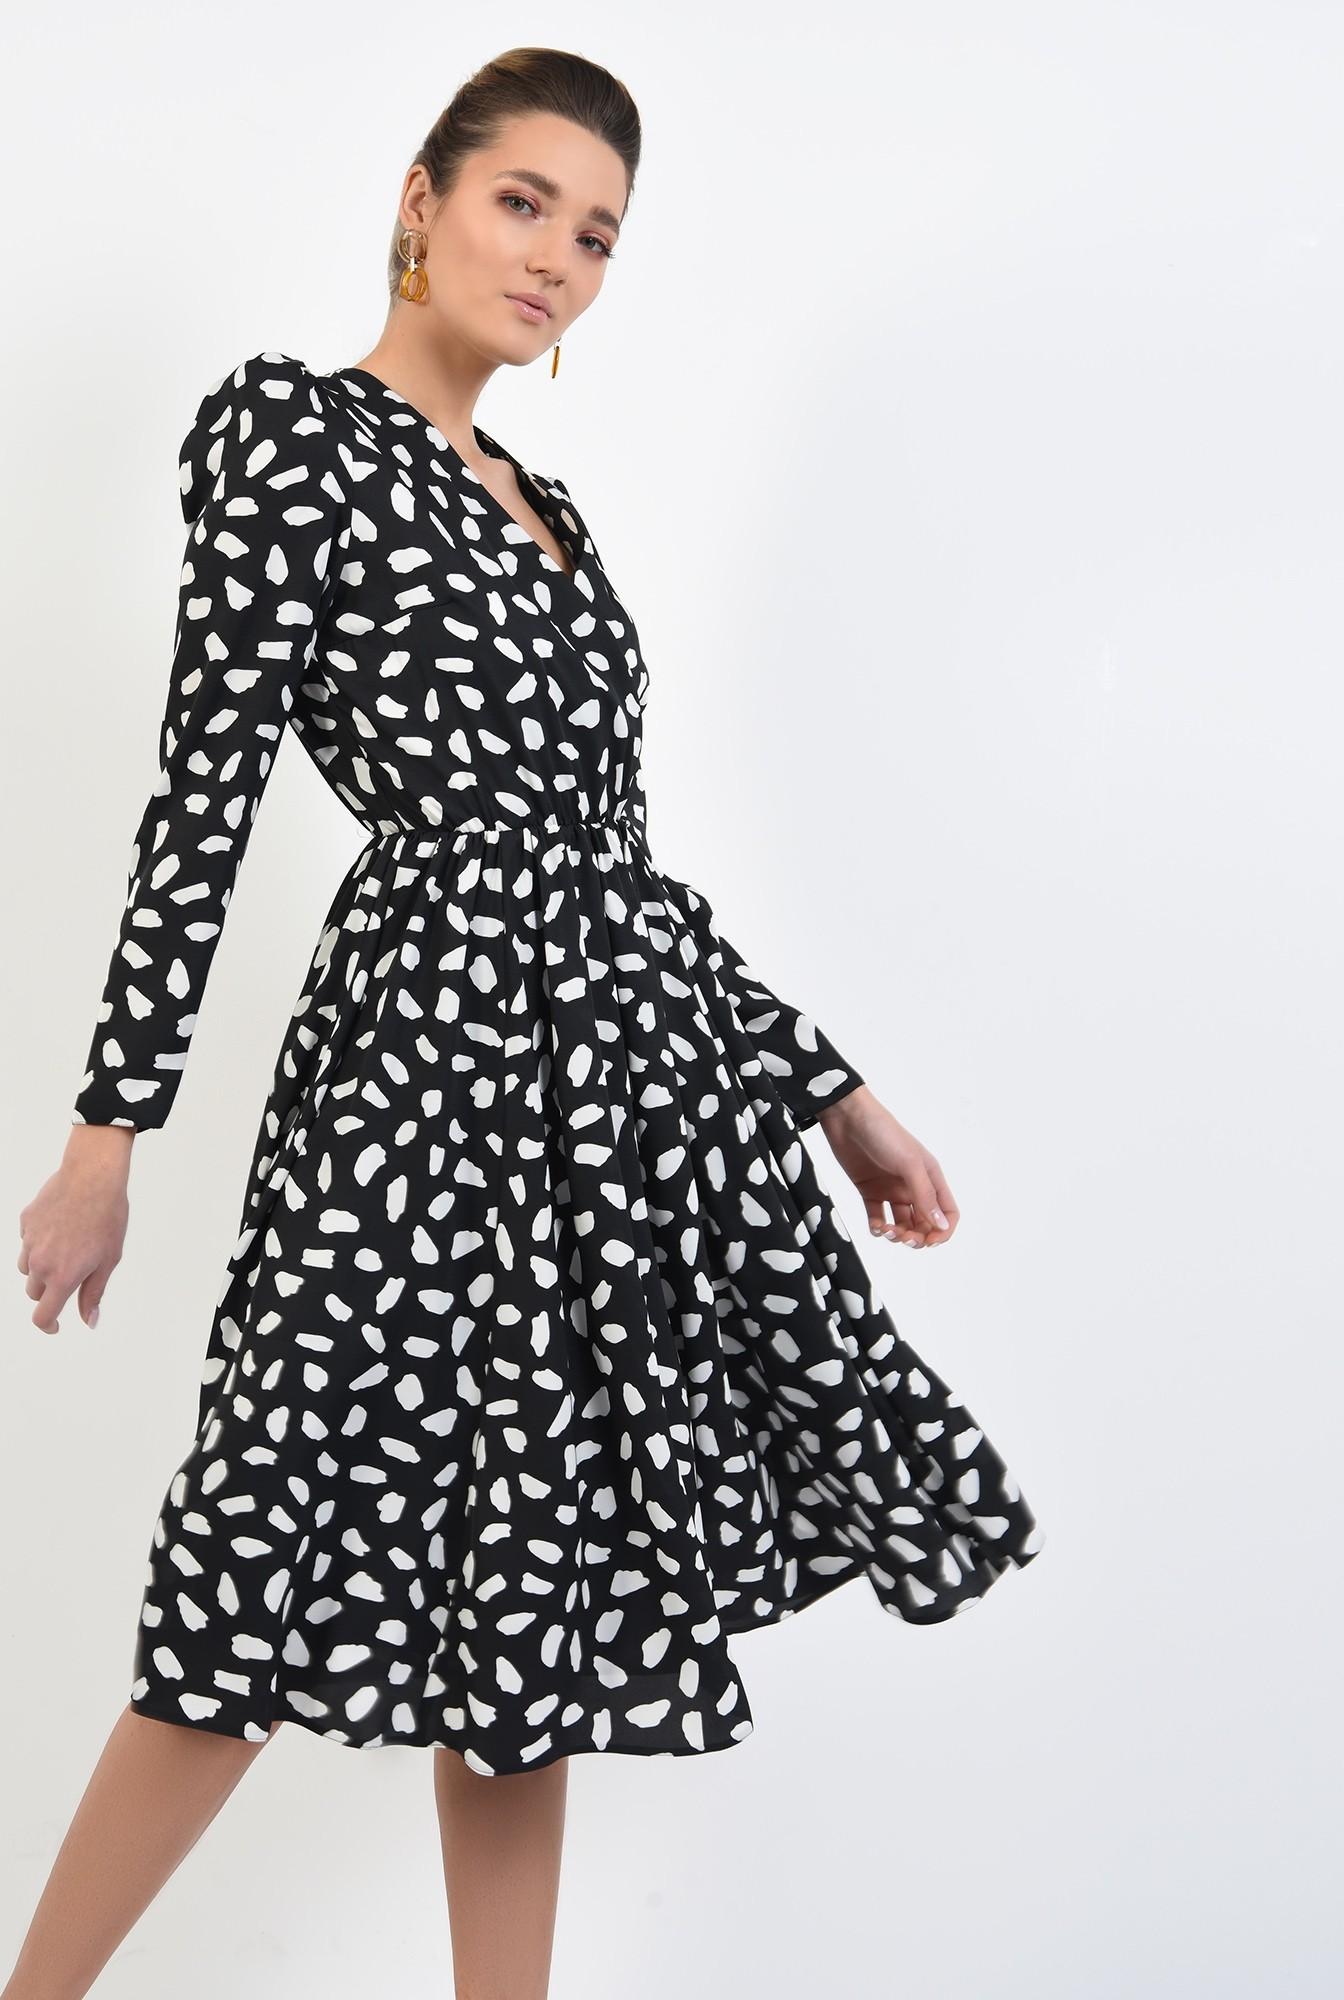 rochie midi, evazata, cu imprimeu, alb-negru, decolteu petrecut